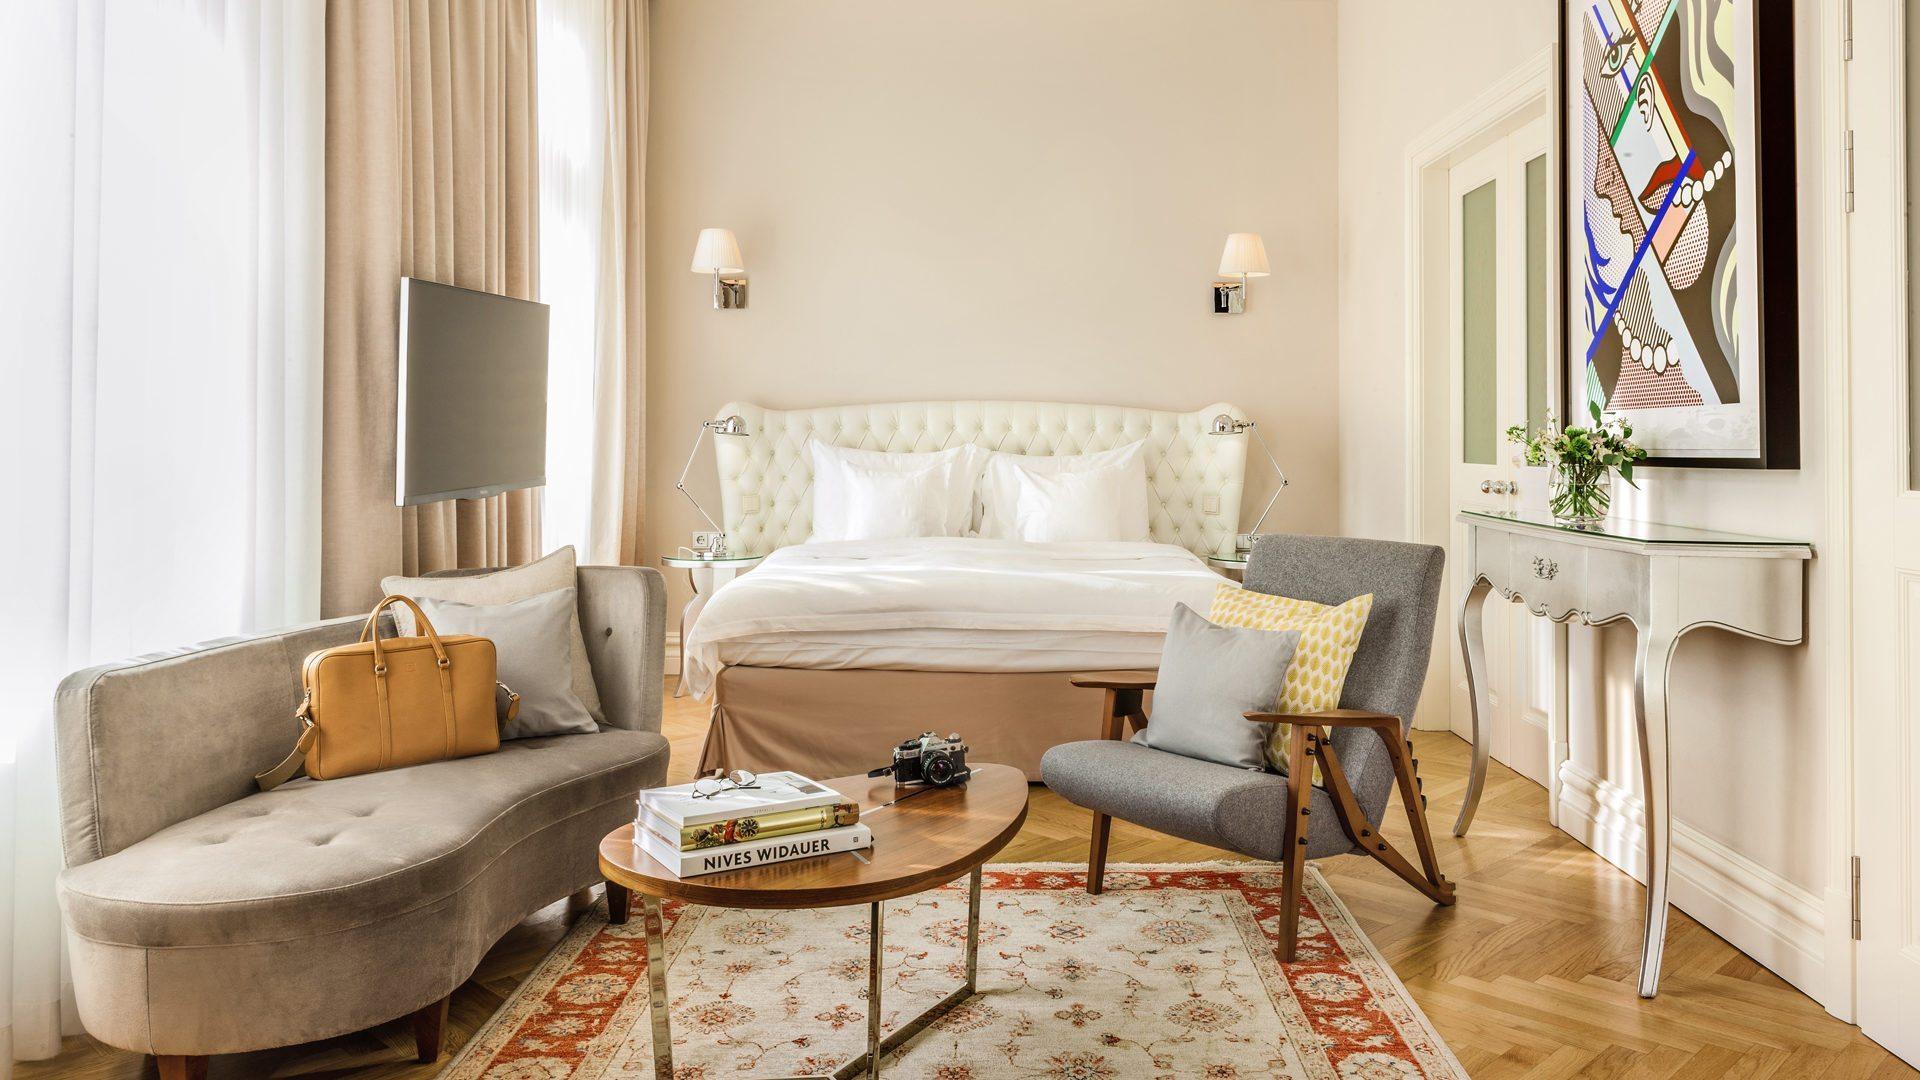 5 Sterne Hotel Wien Hotel Sans Souci Wien – Junior Suite